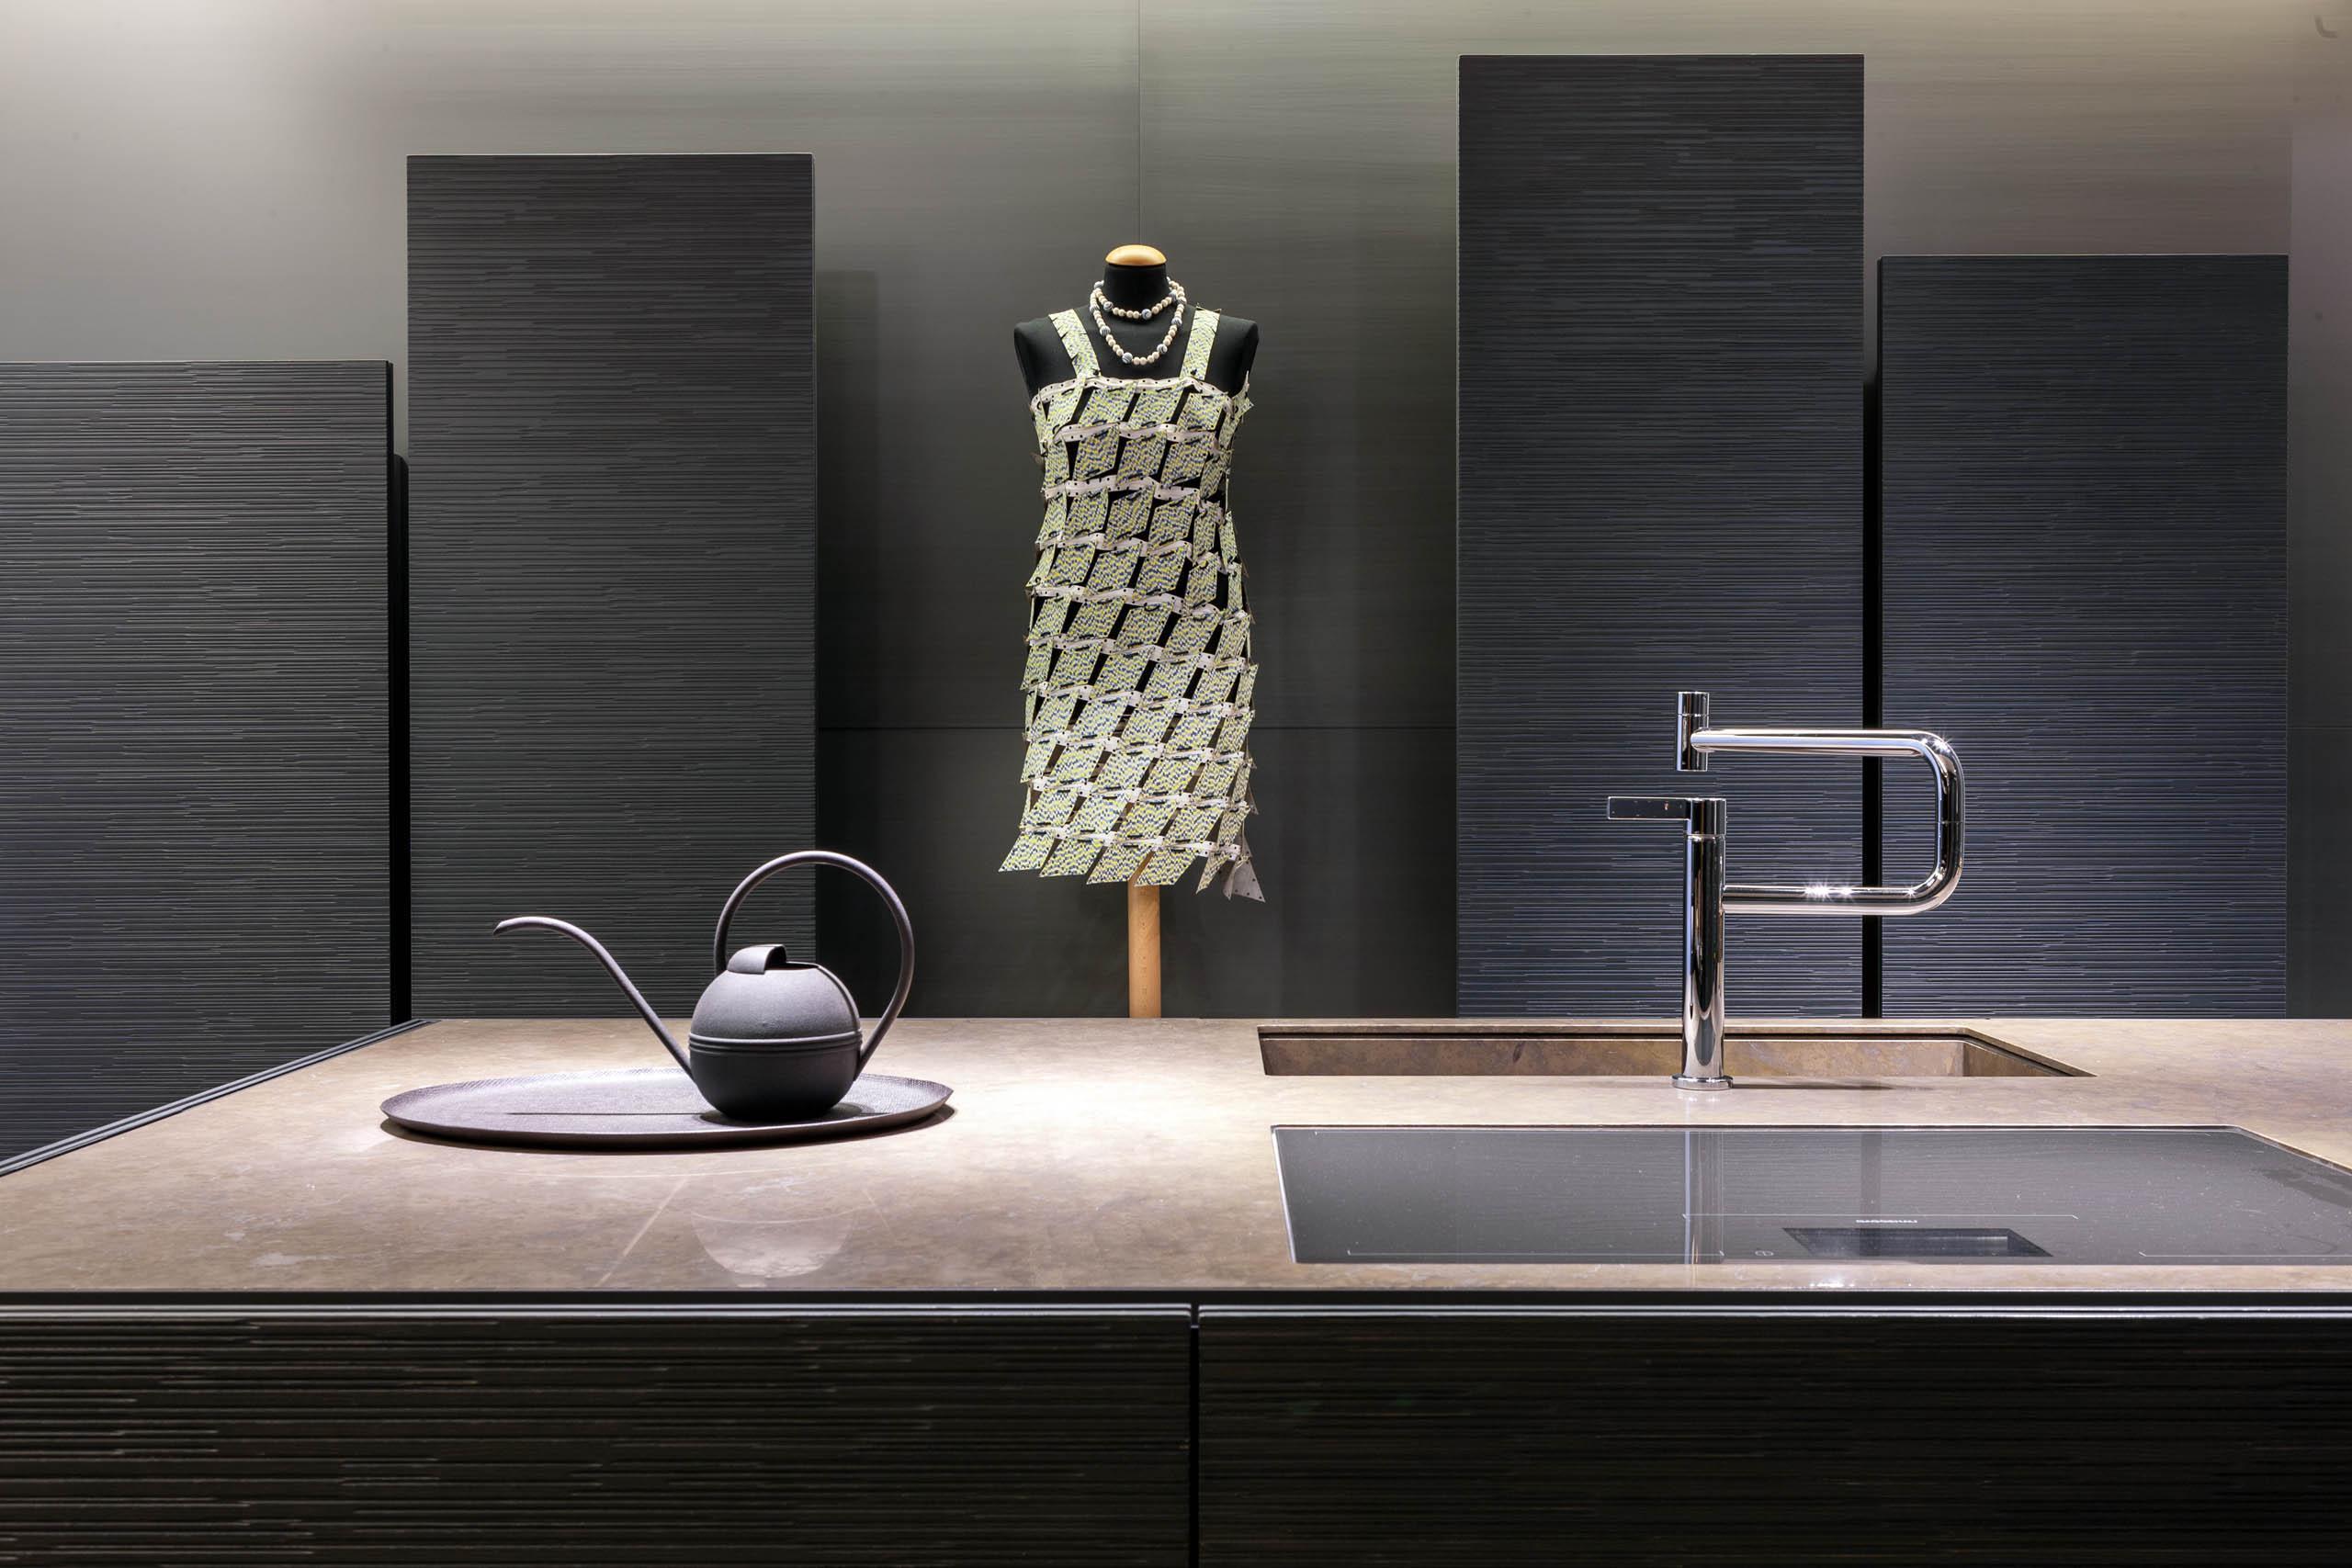 Green wooden dress in modern design kitchen